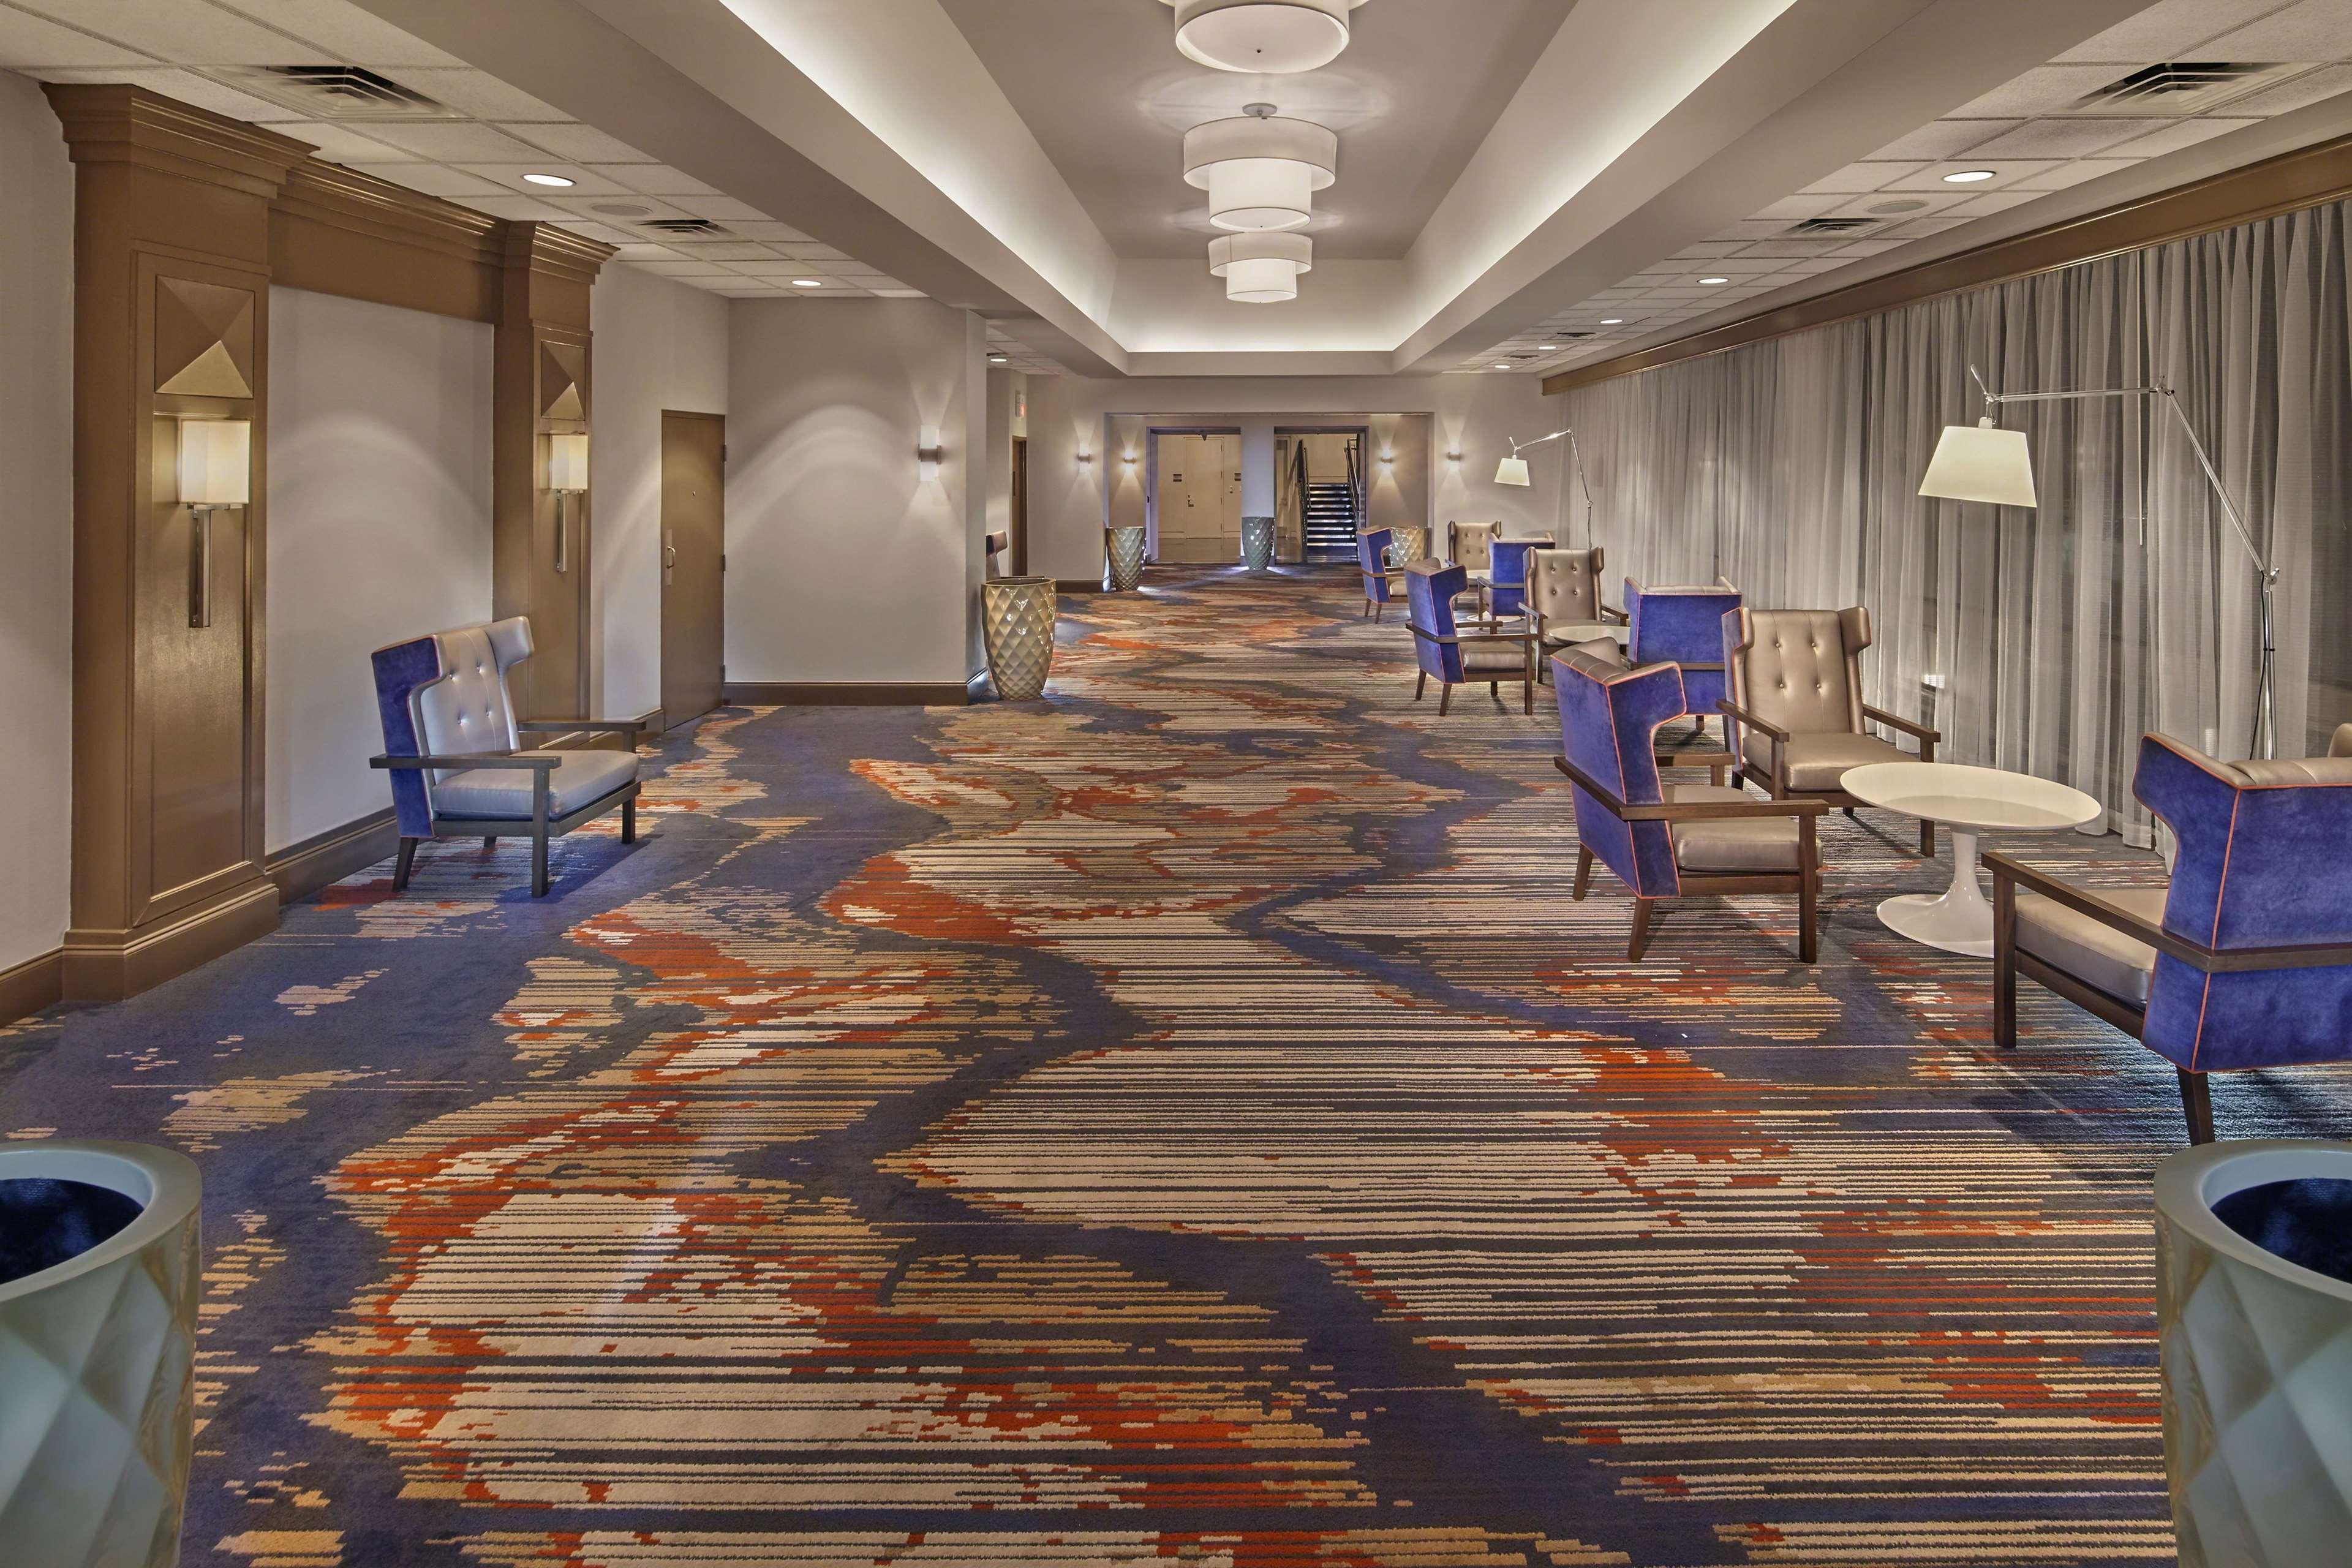 DoubleTree by Hilton Hotel Little Rock image 33